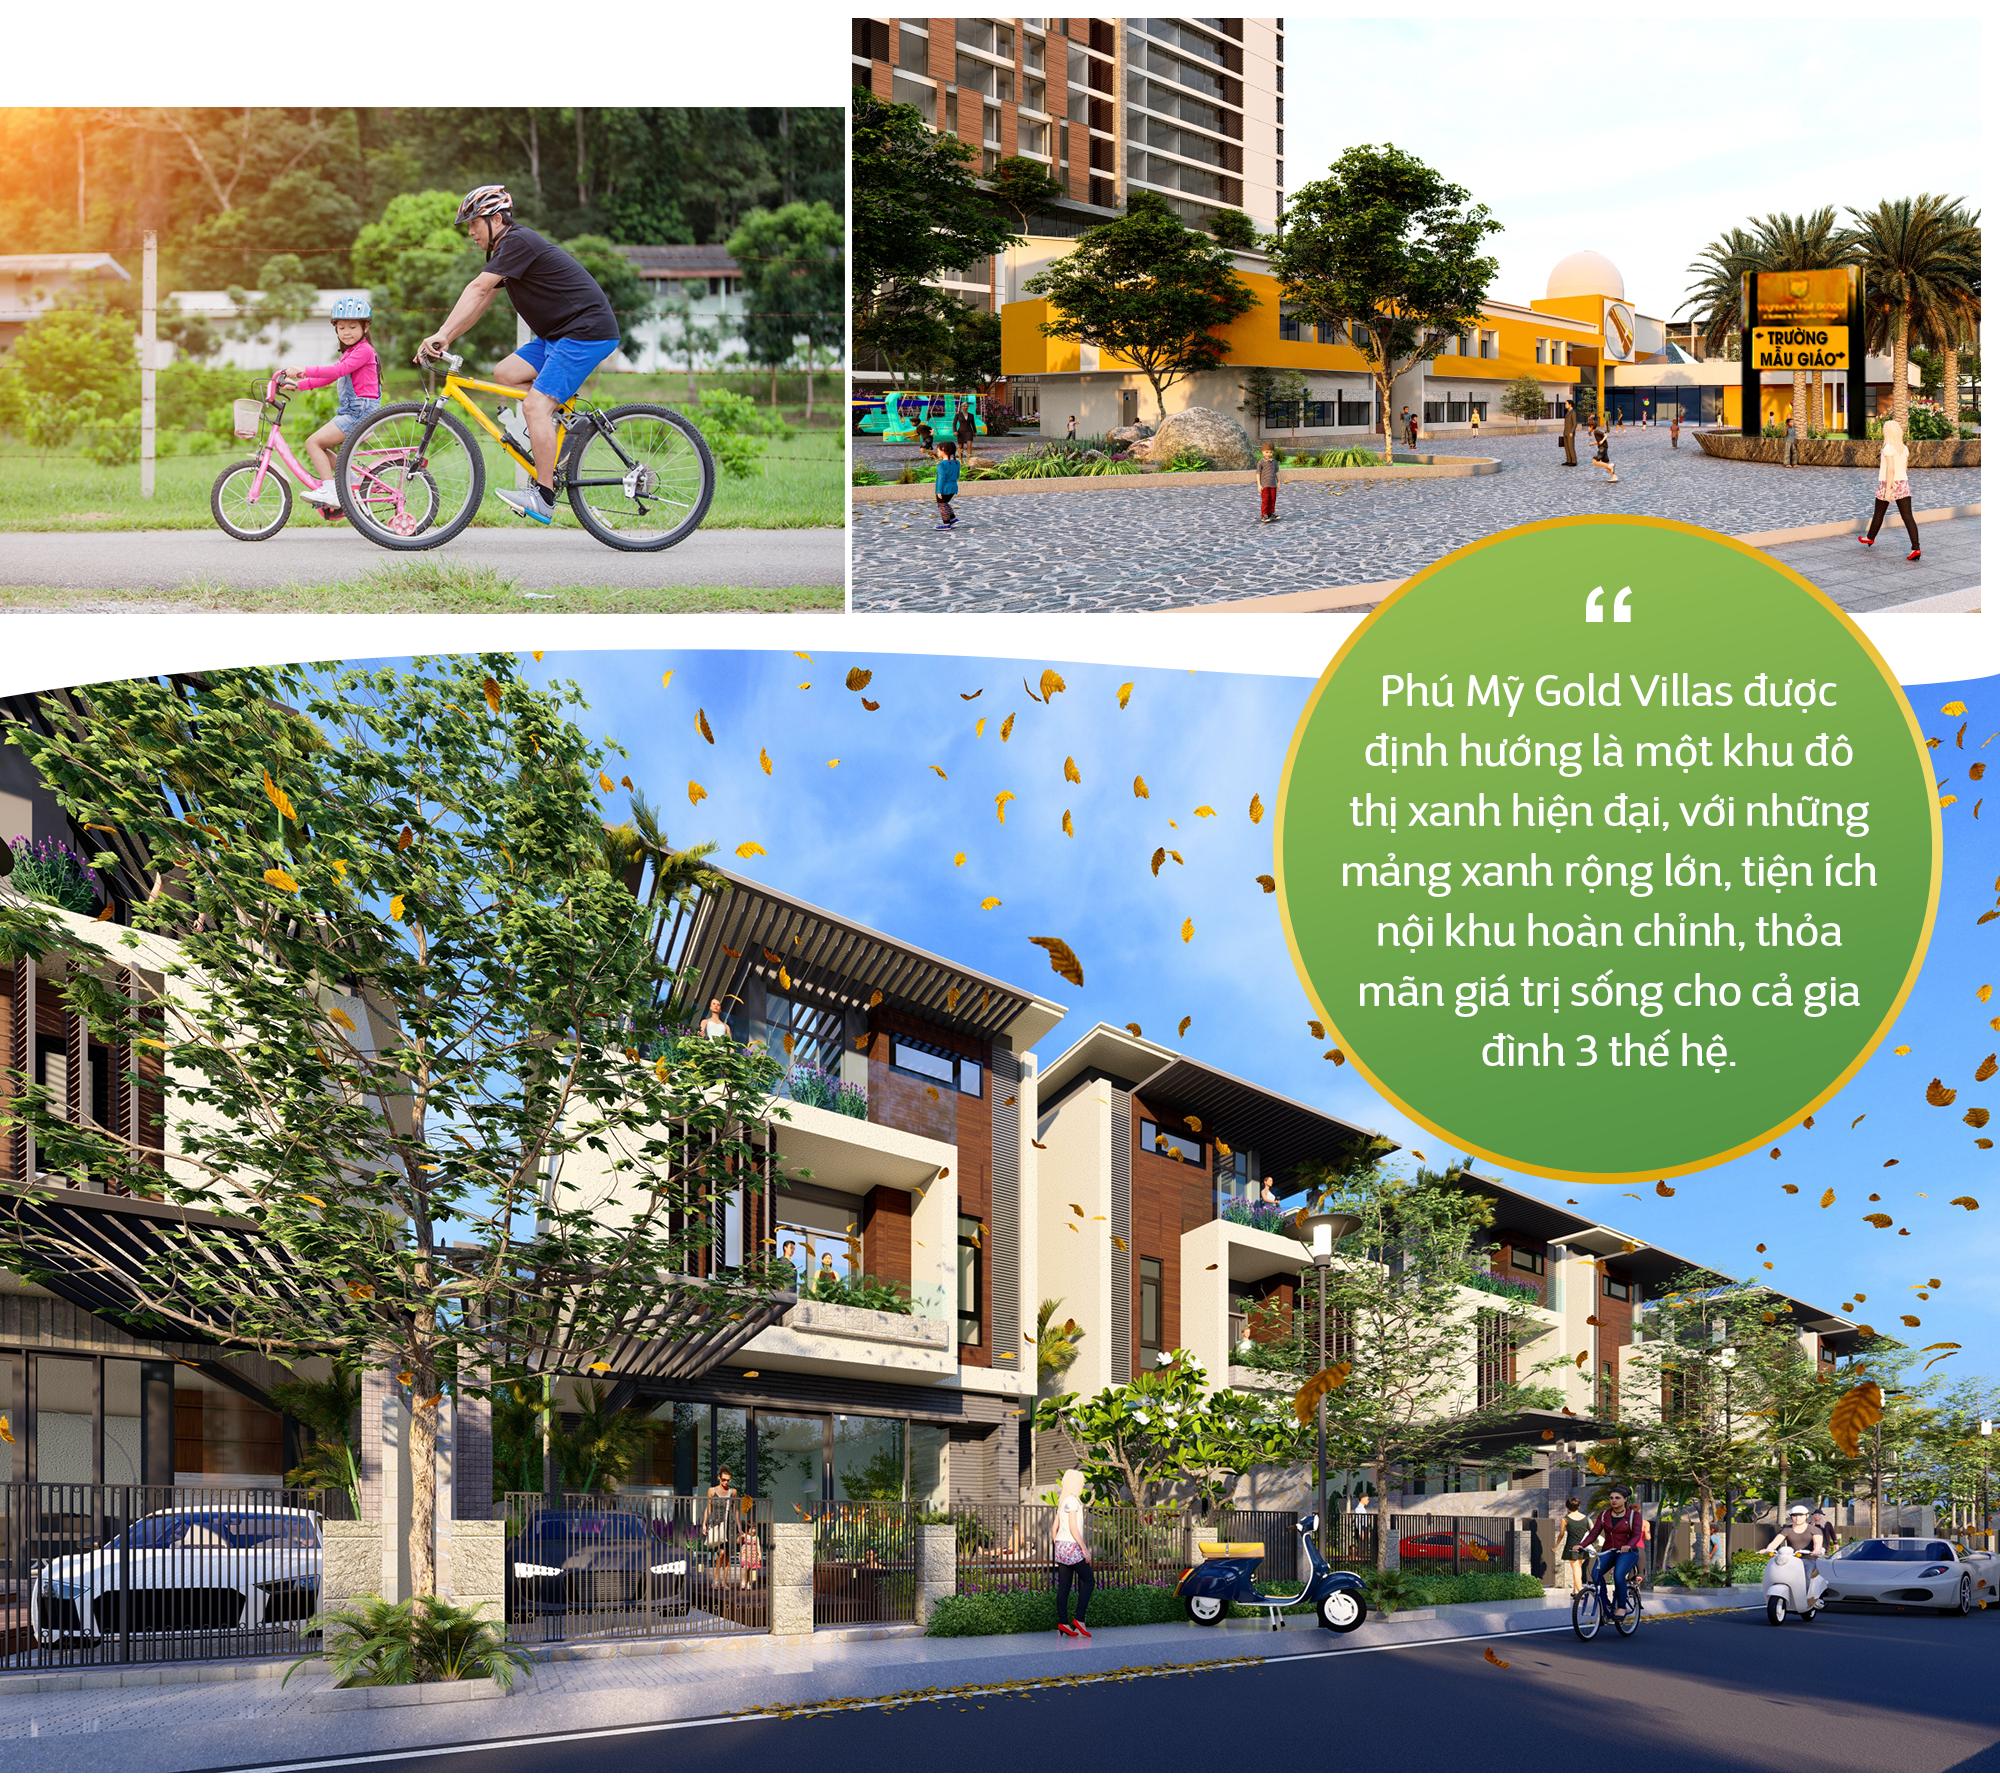 Khởi nguồn cảm xúc về một cuộc sống xanh ở Phú Mỹ Gold Villas – Điểm nhấn thị trường BĐS BR-VT - Ảnh 7.